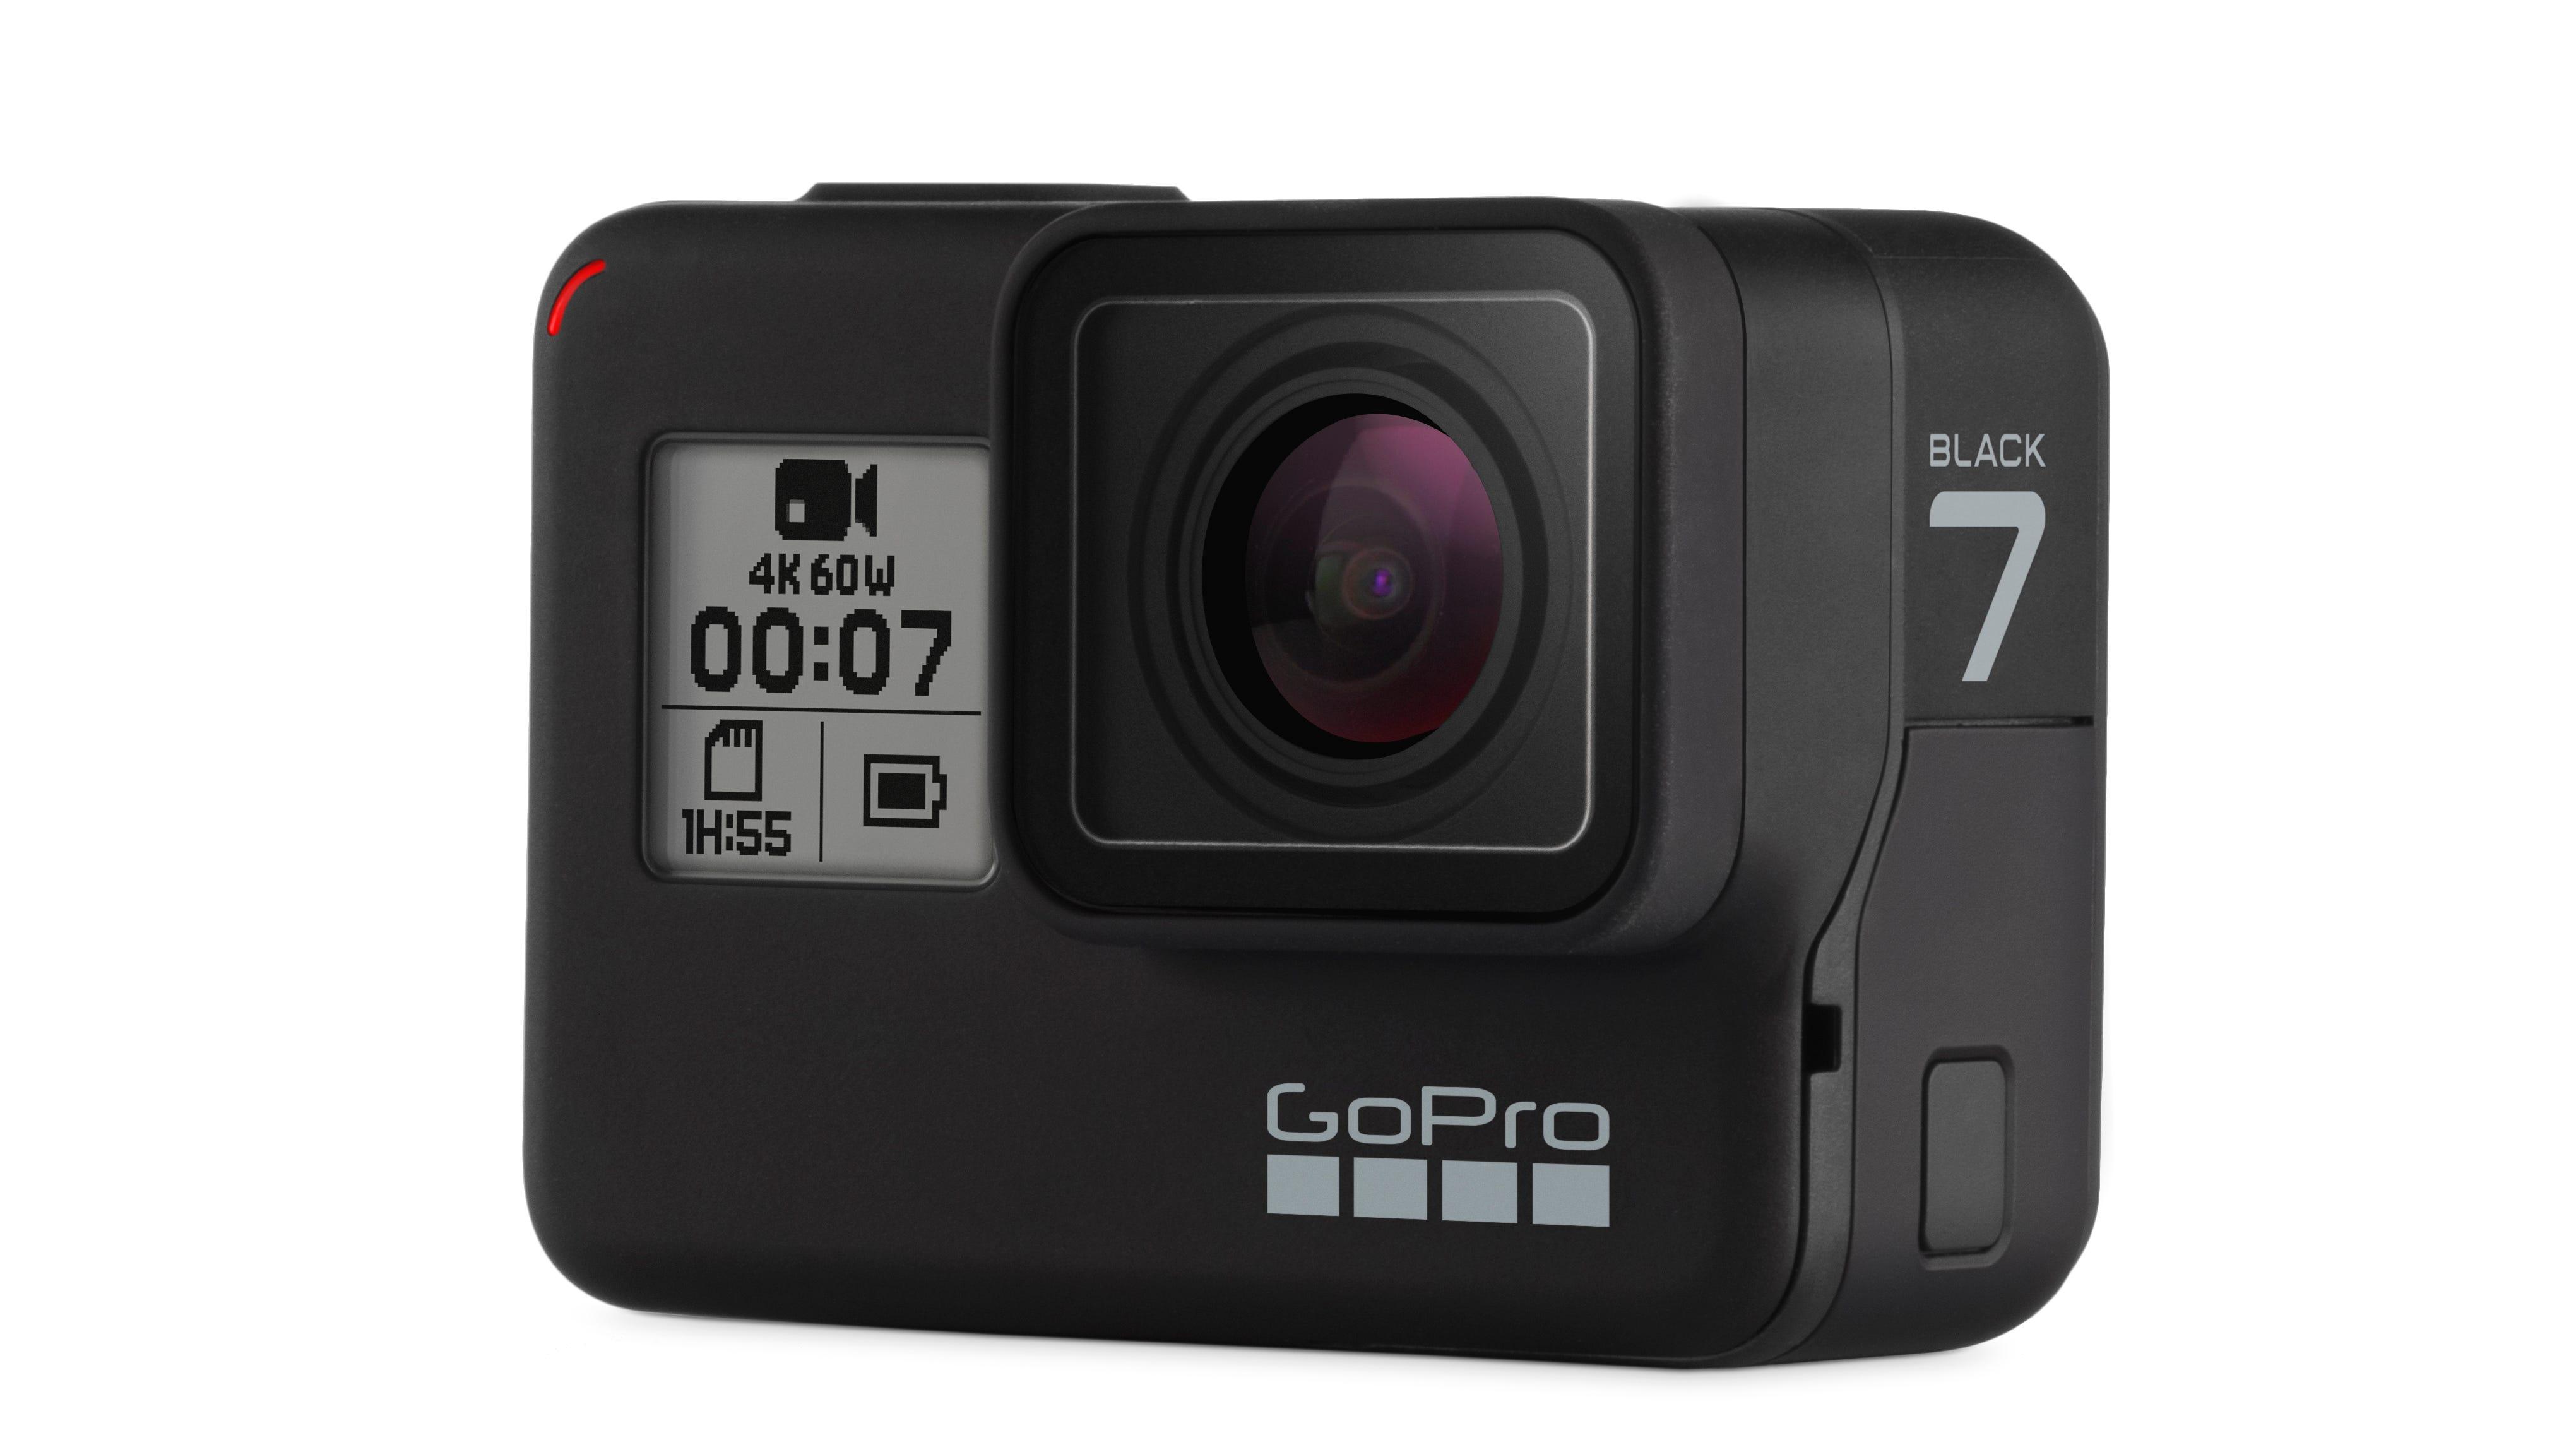 New GoPro Hero 7 camera